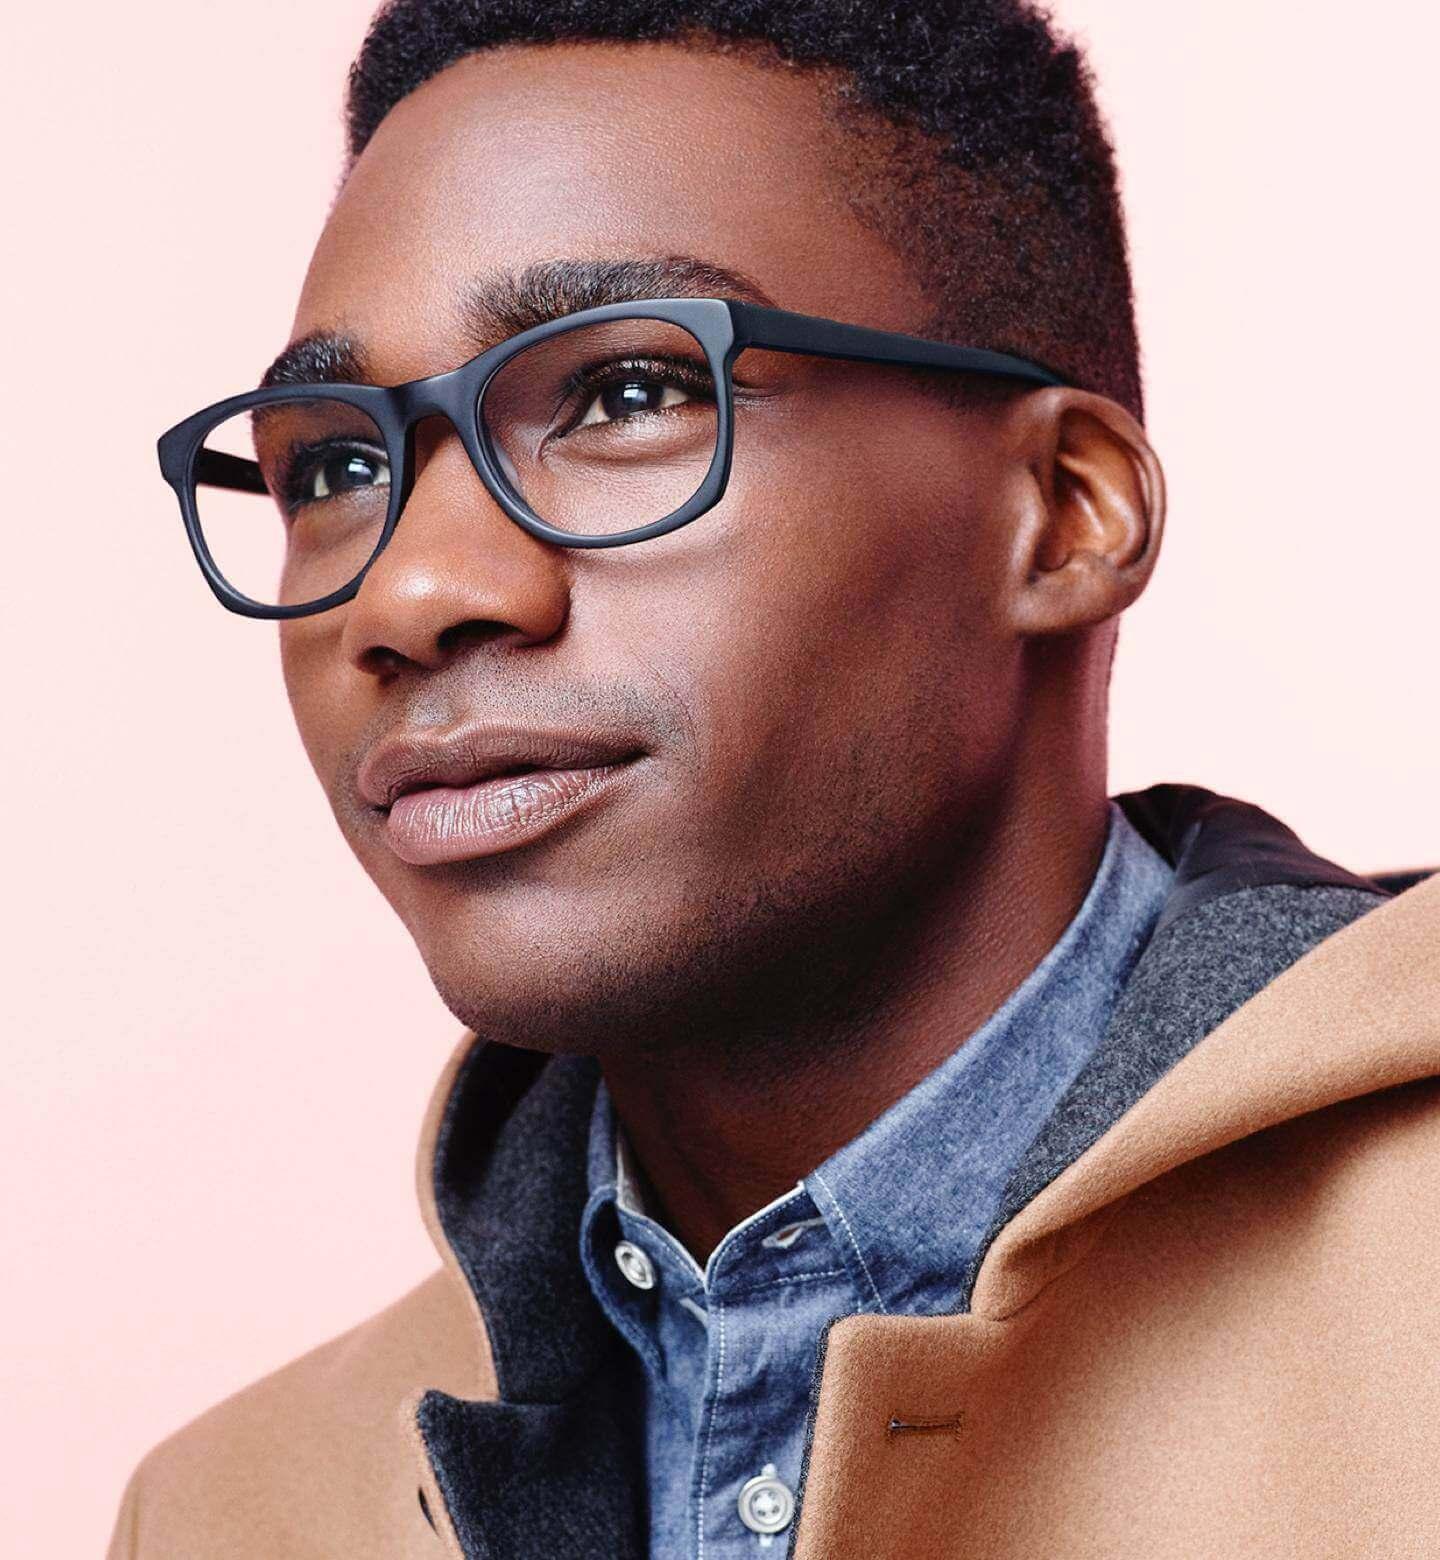 Edgar in Jet Black Matte Warby Parker